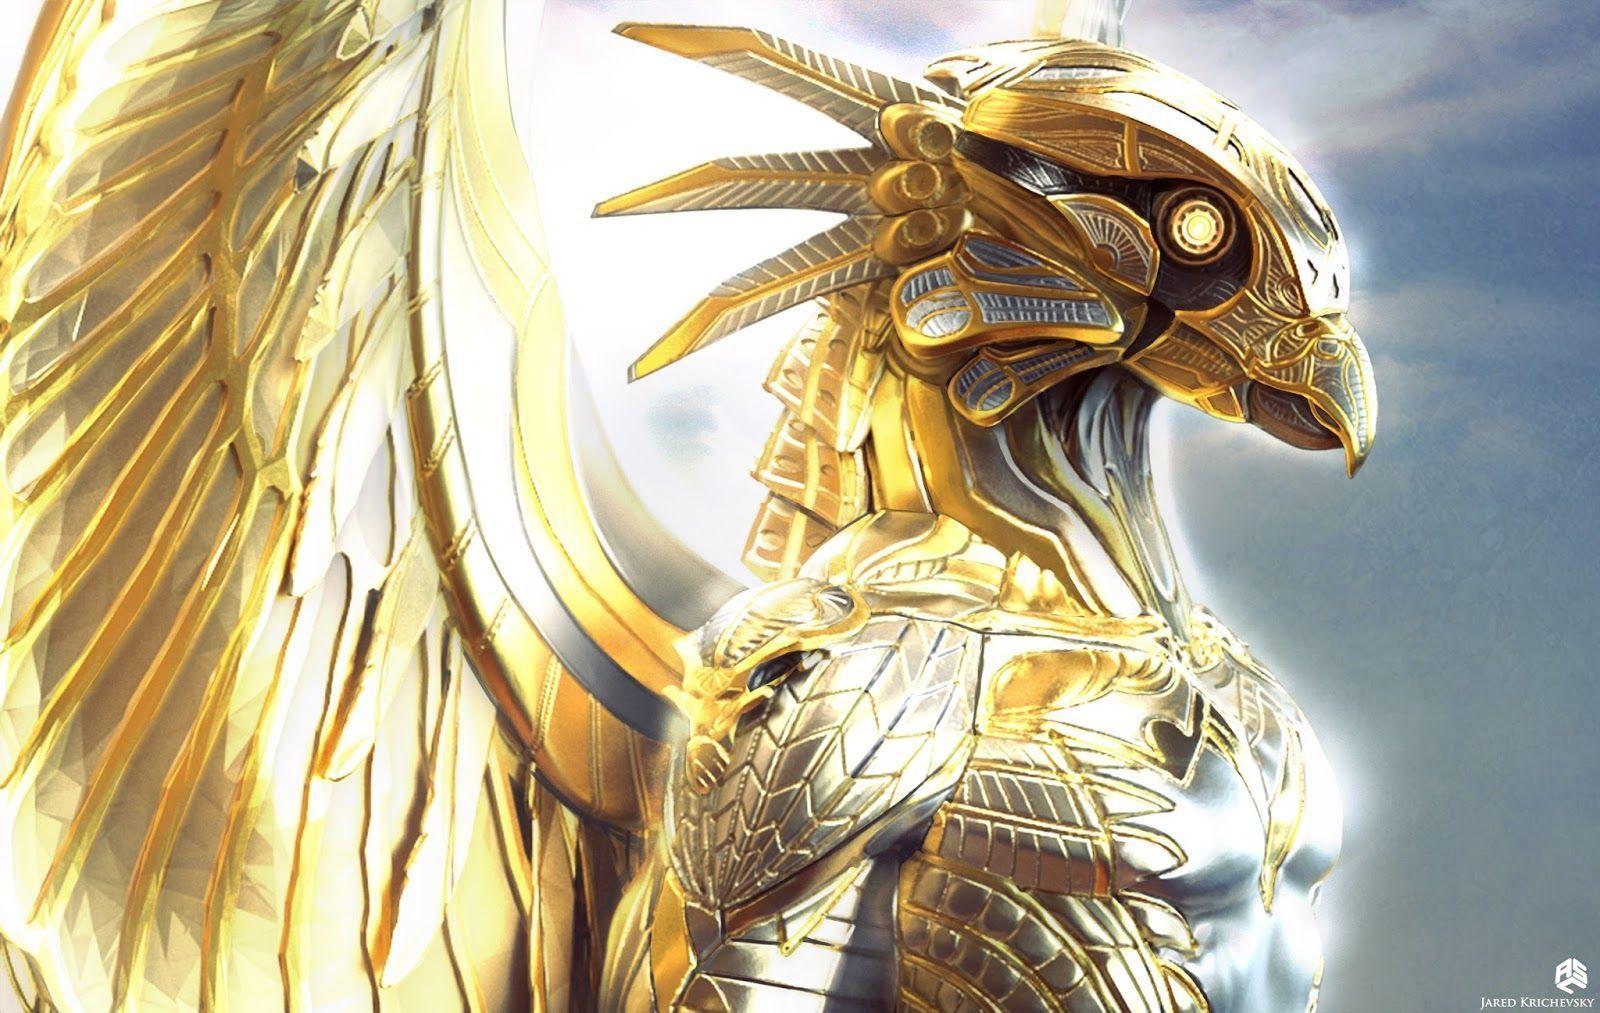 Ra Egyptian God Wallpapers Top Free Ra Egyptian God